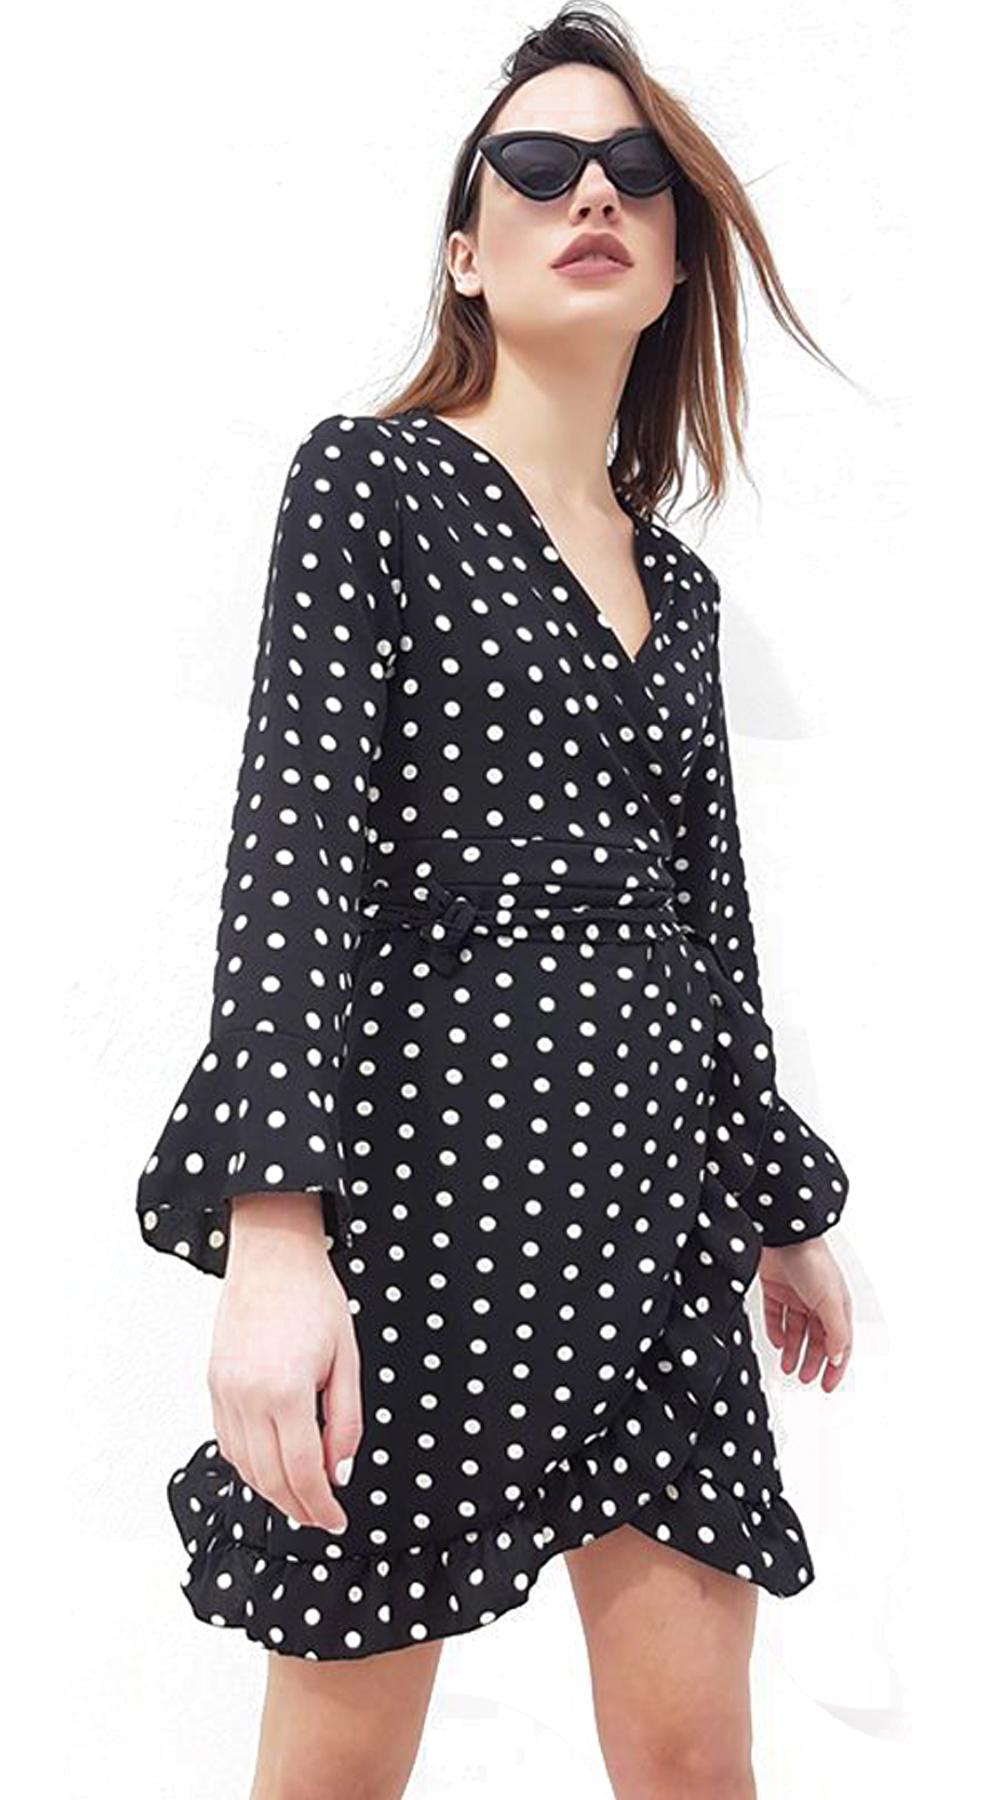 6376031f9707 Μίνι κρουαζέ φόρεμα πουά με ζώνη στην μέση (shprs from 22 9) -